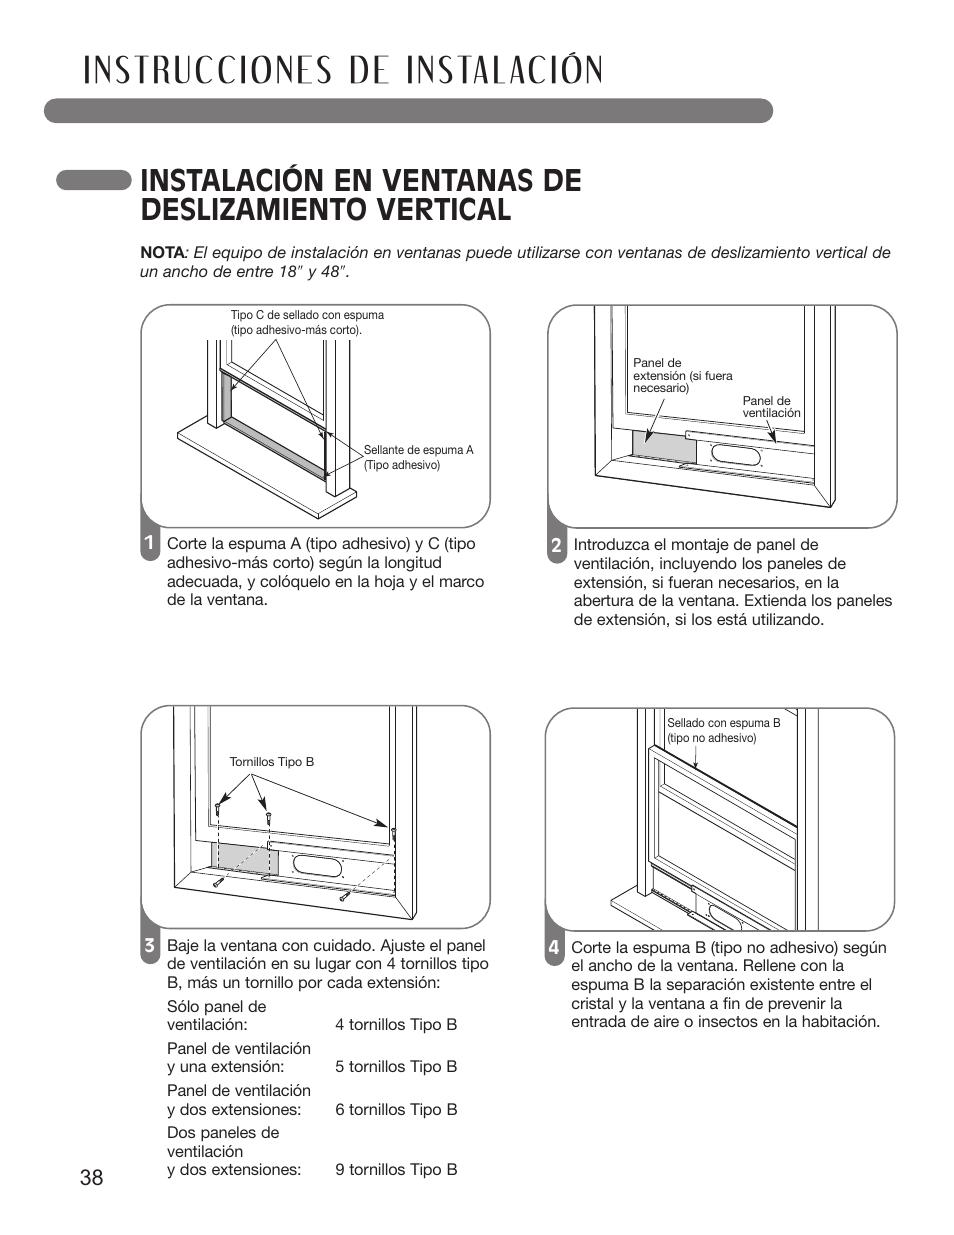 Vistoso Cómo Enmarcar Abertura De La Ventana Ideas - Ideas ...